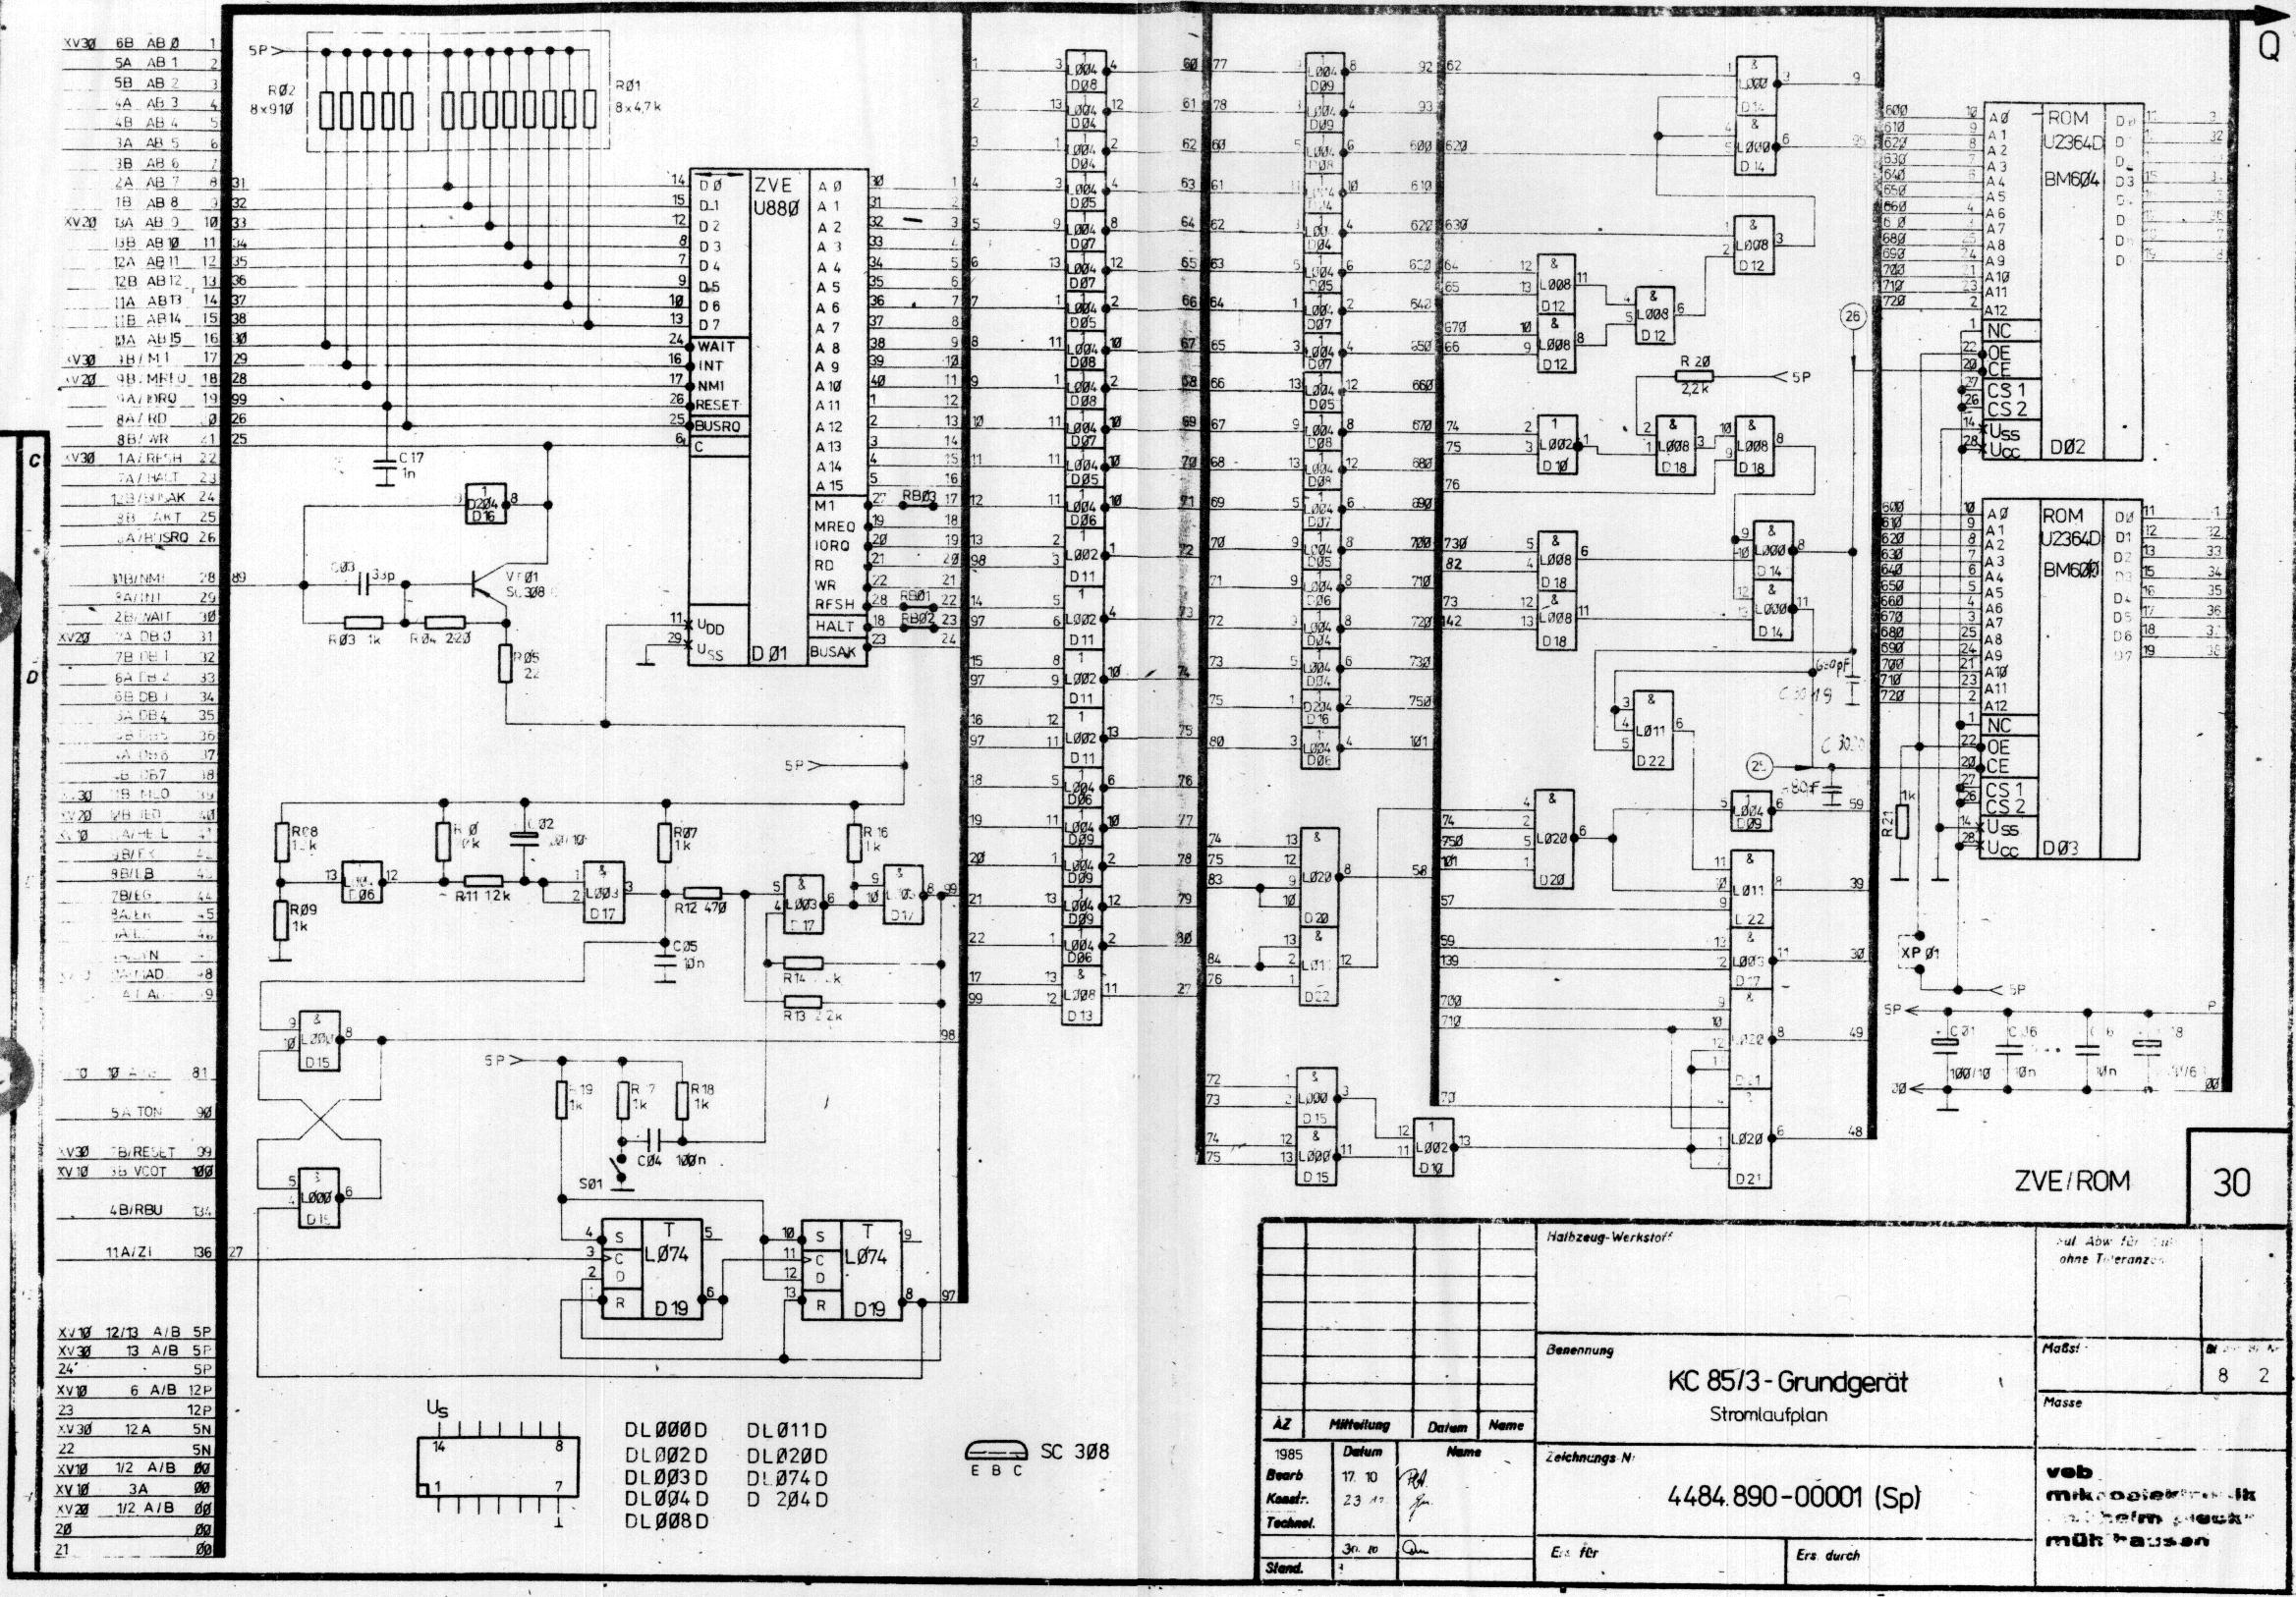 Stromlaufplan Ape 50